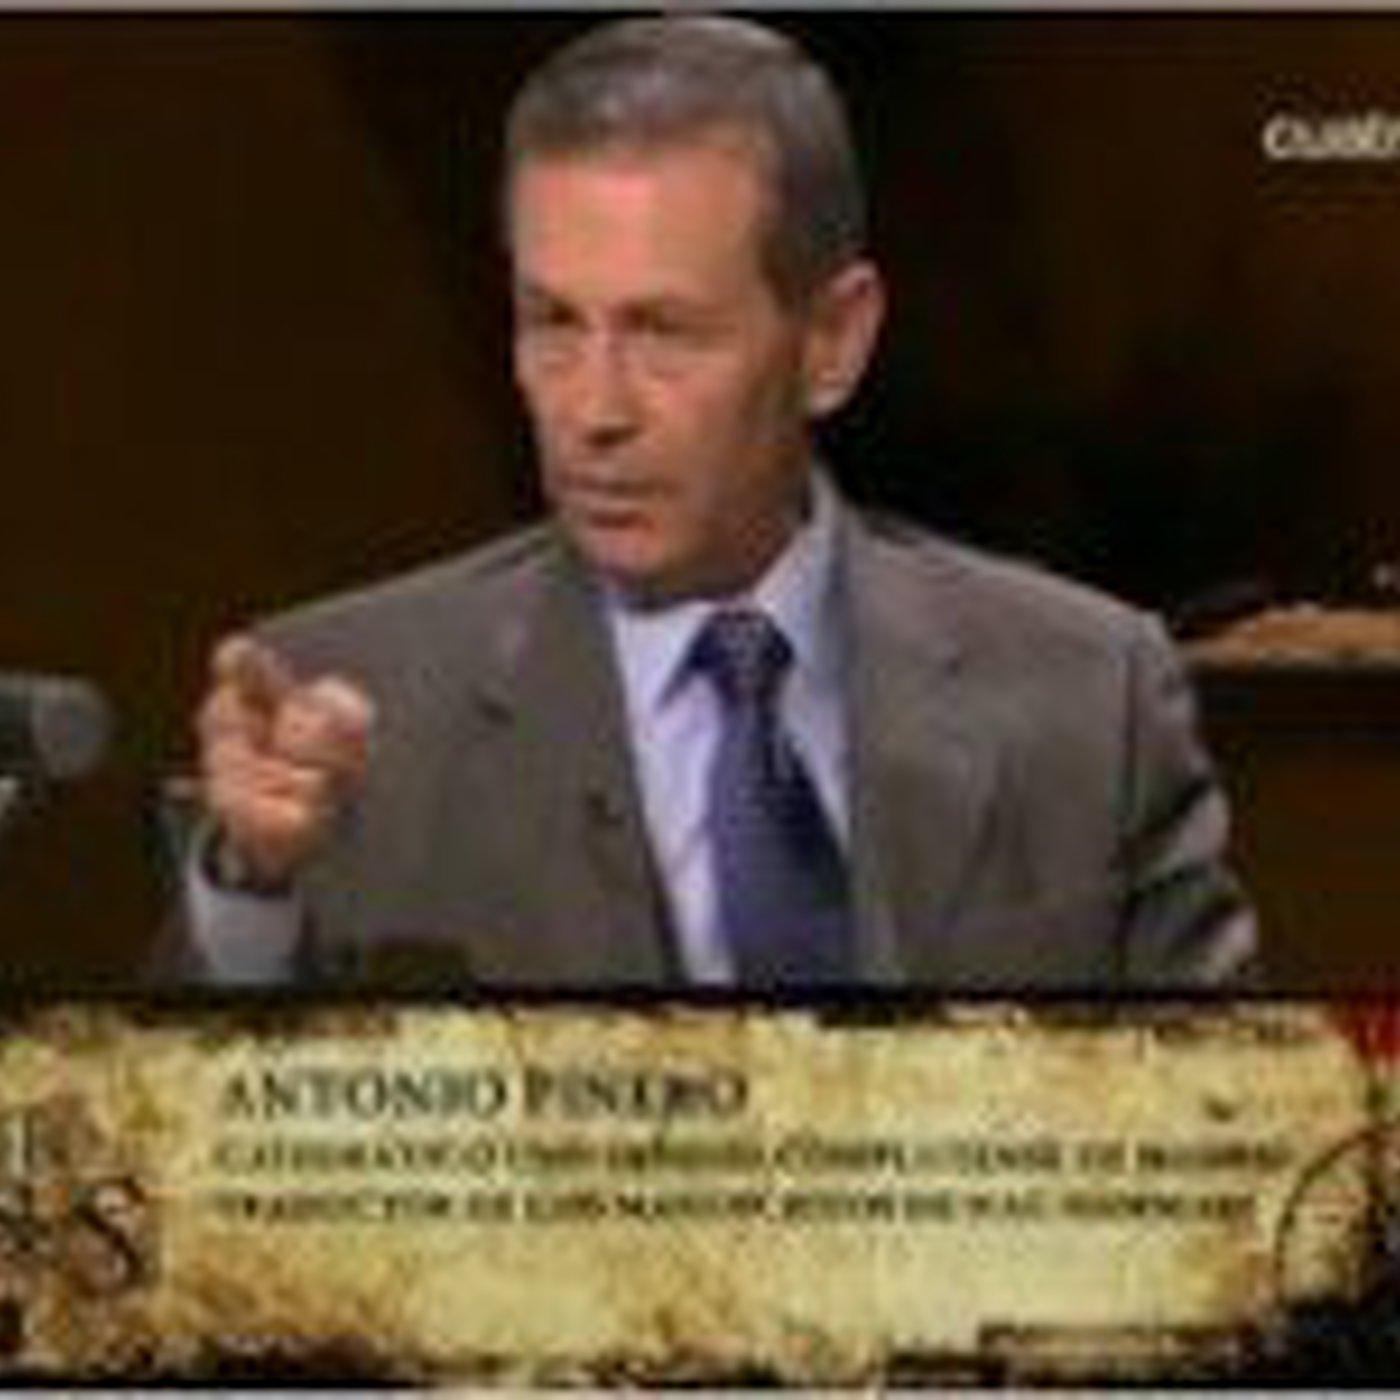 Jesús en Misterios en mp3(22/08 a las 06:14:47) 02:00:42 2299213 - iVoox